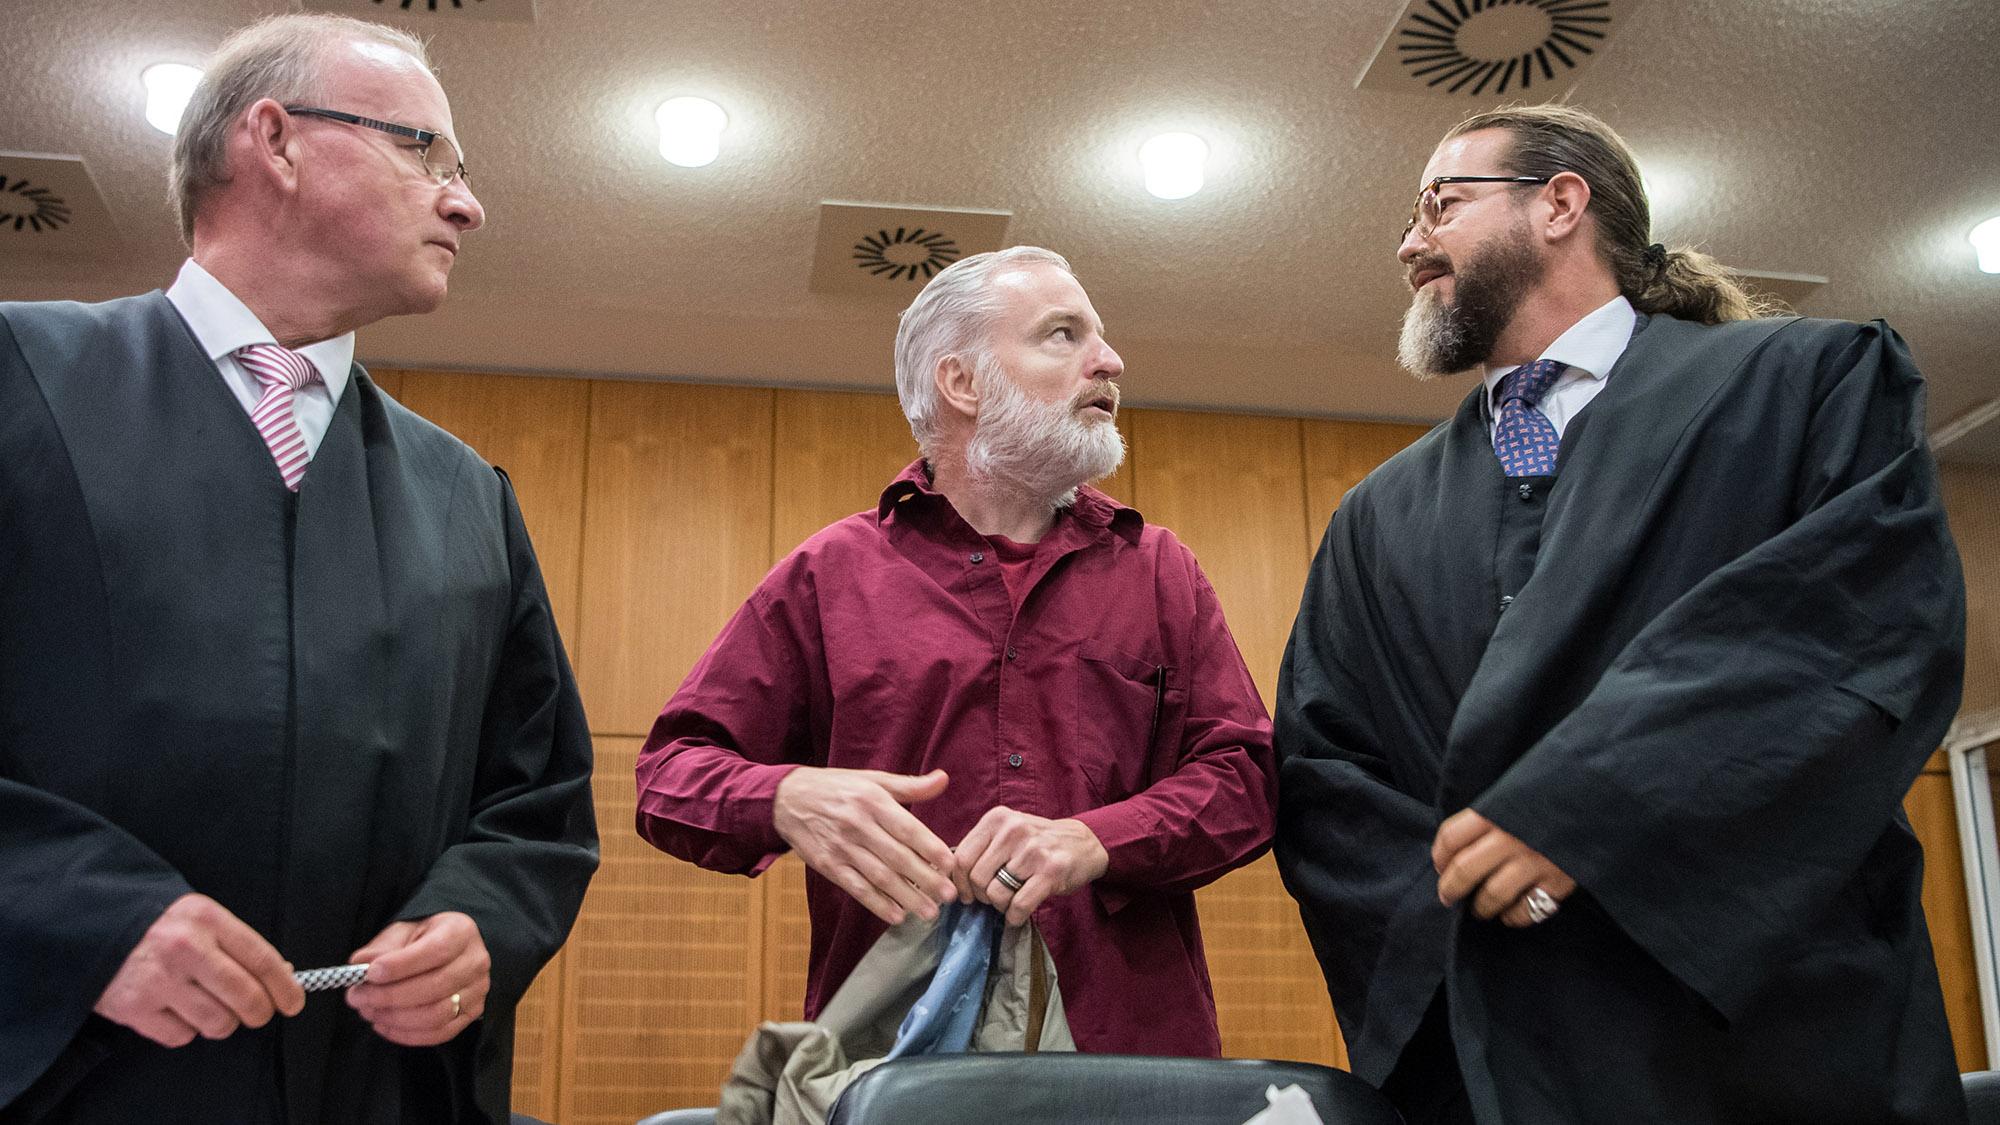 ARCHIV - Rechtsanwalt Hannes Linke (l-r), der Angeklagte Schweizer Daniel M. und der Anwalt Robert Kain stehen vor Verhandlun